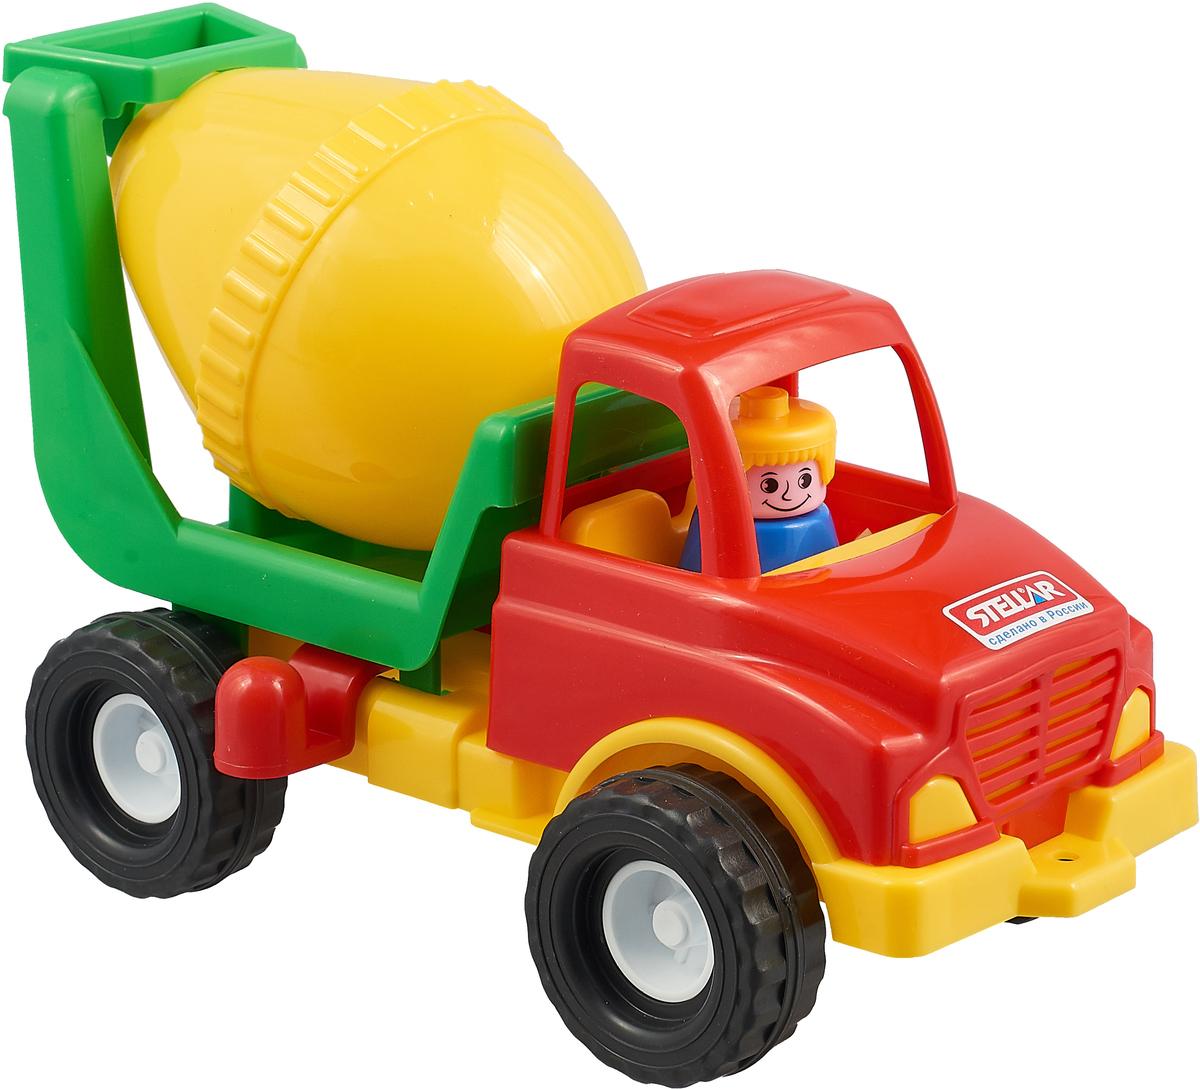 Stellar Игрушка для песочницы Бетономешалка красный,желтый,зеленый игрушка